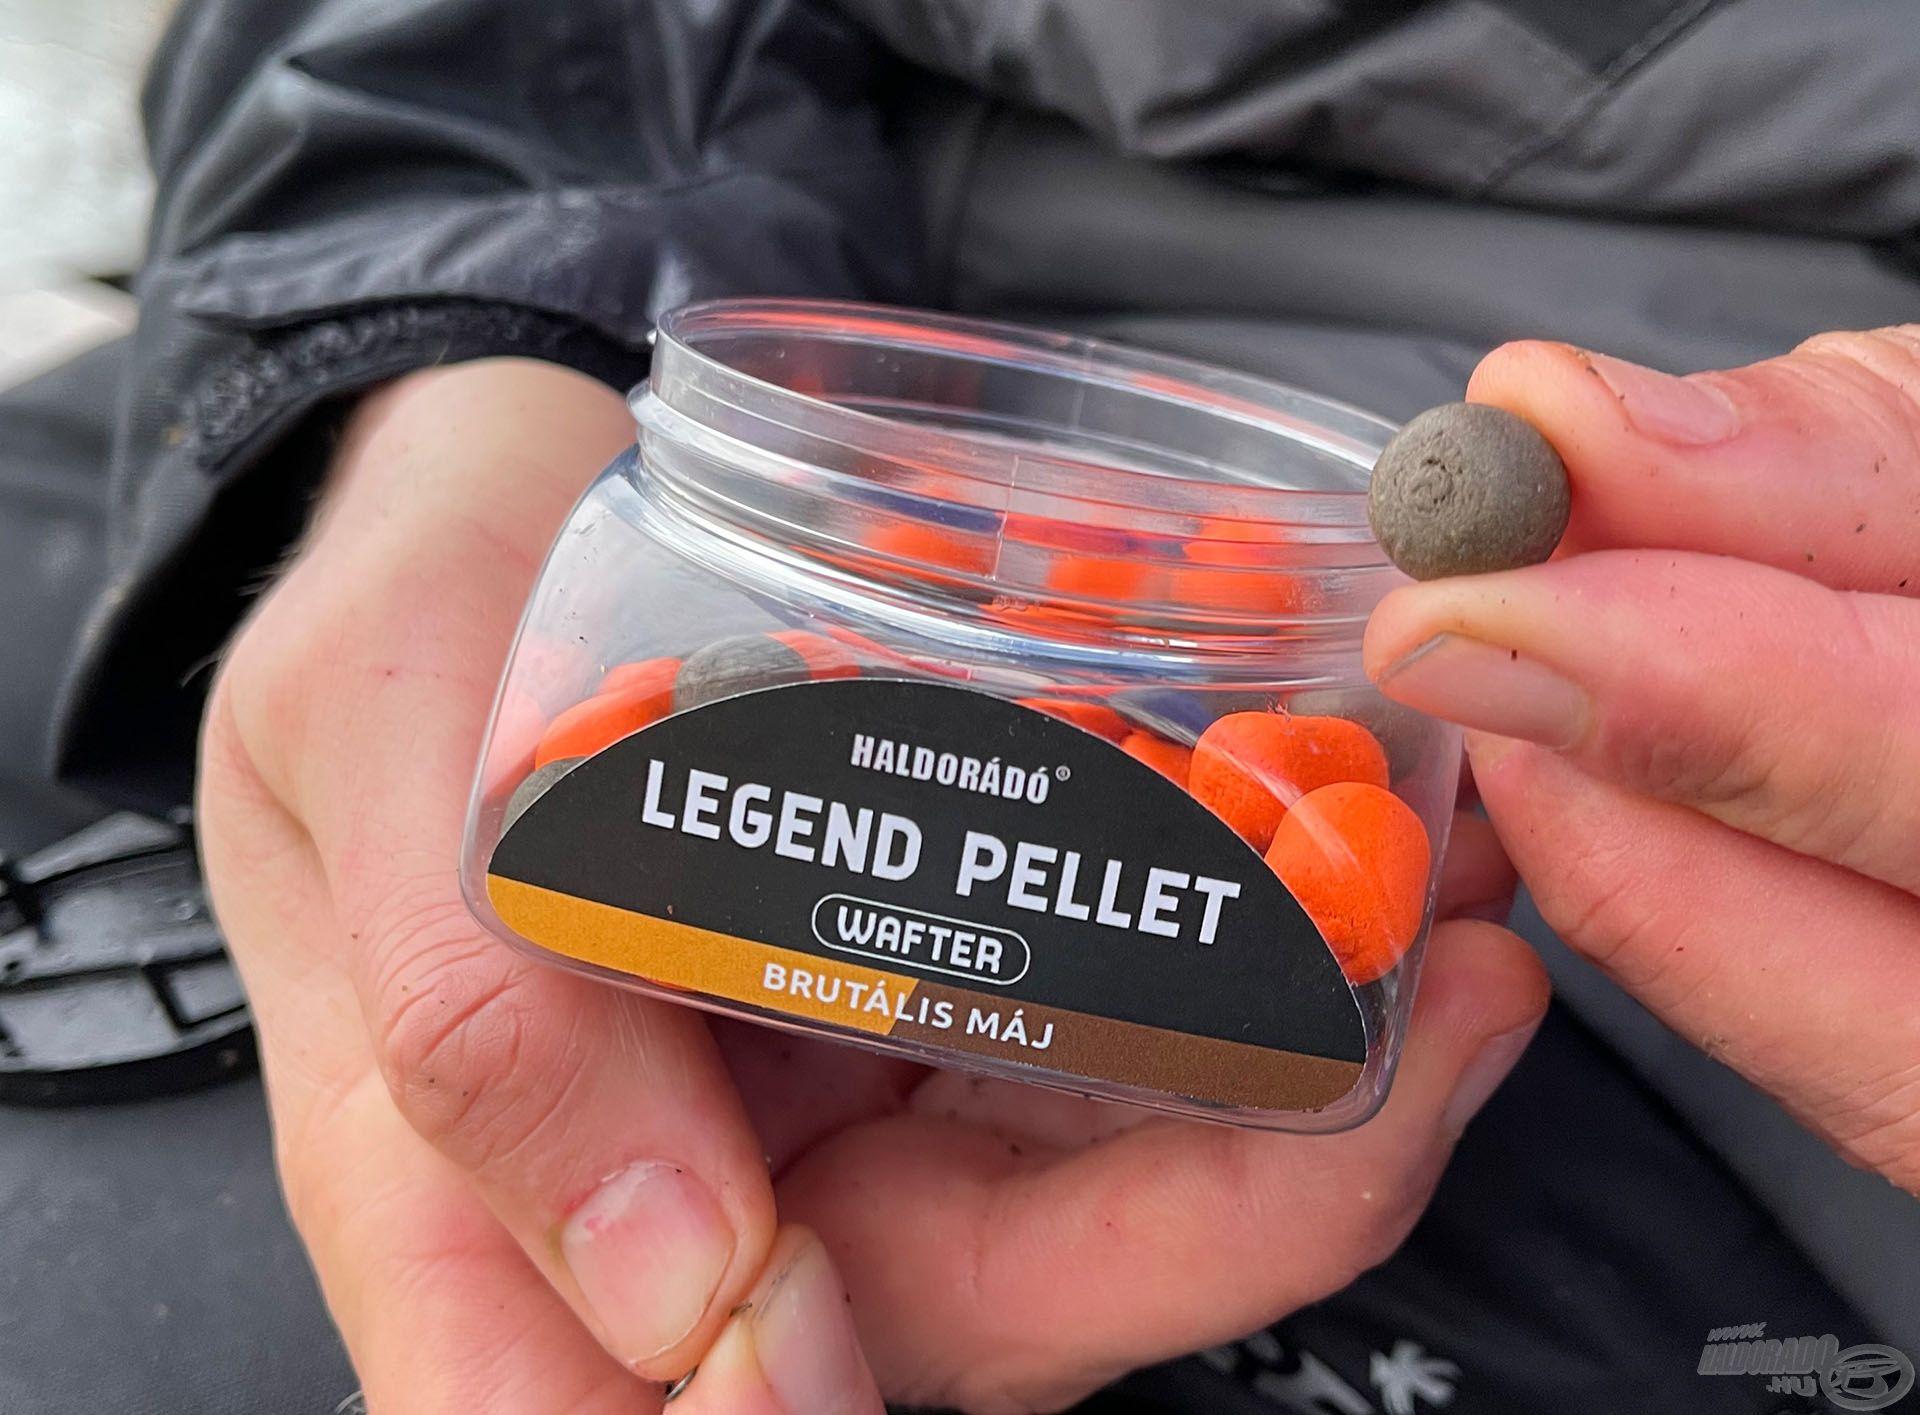 Próbáltam a dobozban található narancssárga változatot is, de arra nem volt kapás. Kizárólag a barna színűt ették MA a halak